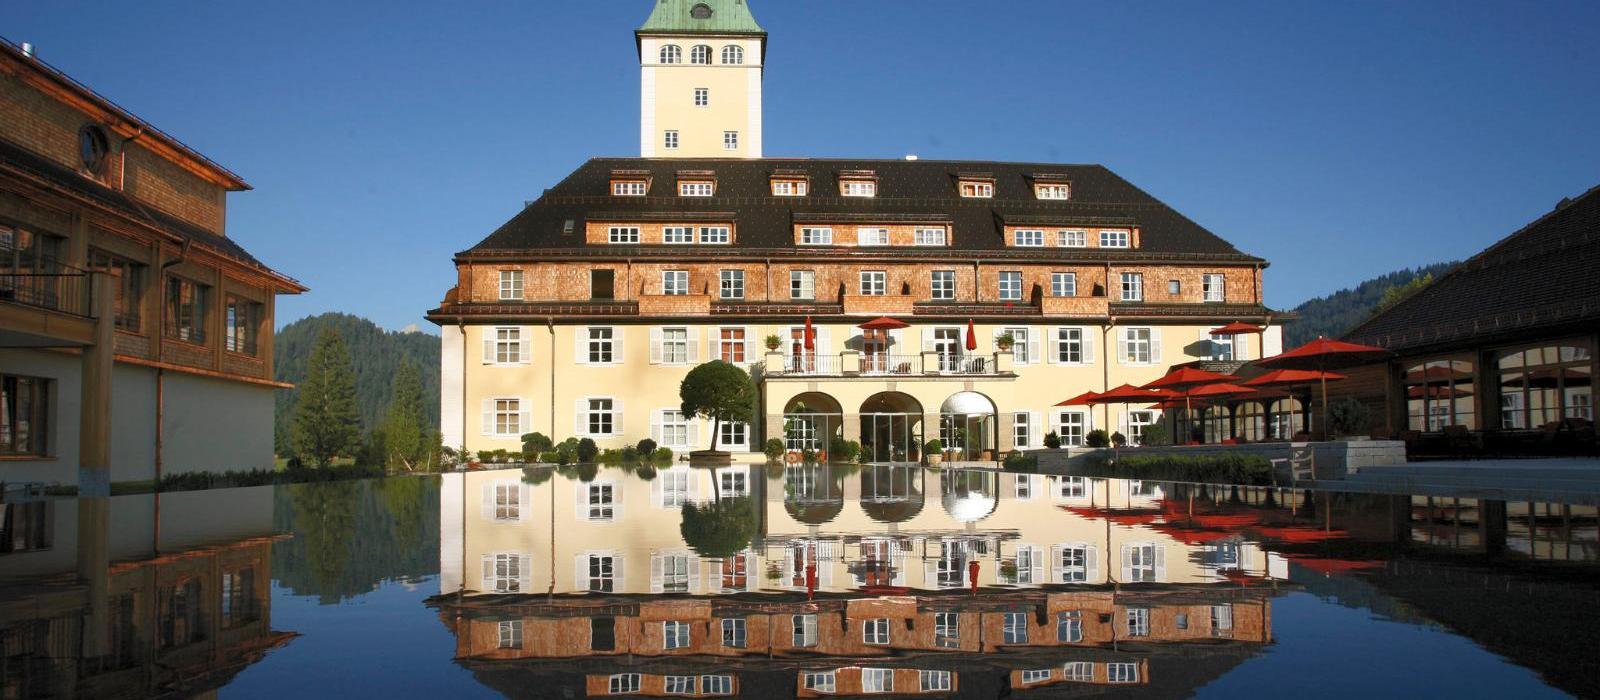 埃尔盟奢华水疗艺术宫殿酒店(Schloss Elmau Luxury Spa Retreat & Cultural Hideaway) 图片  www.lhw.cn